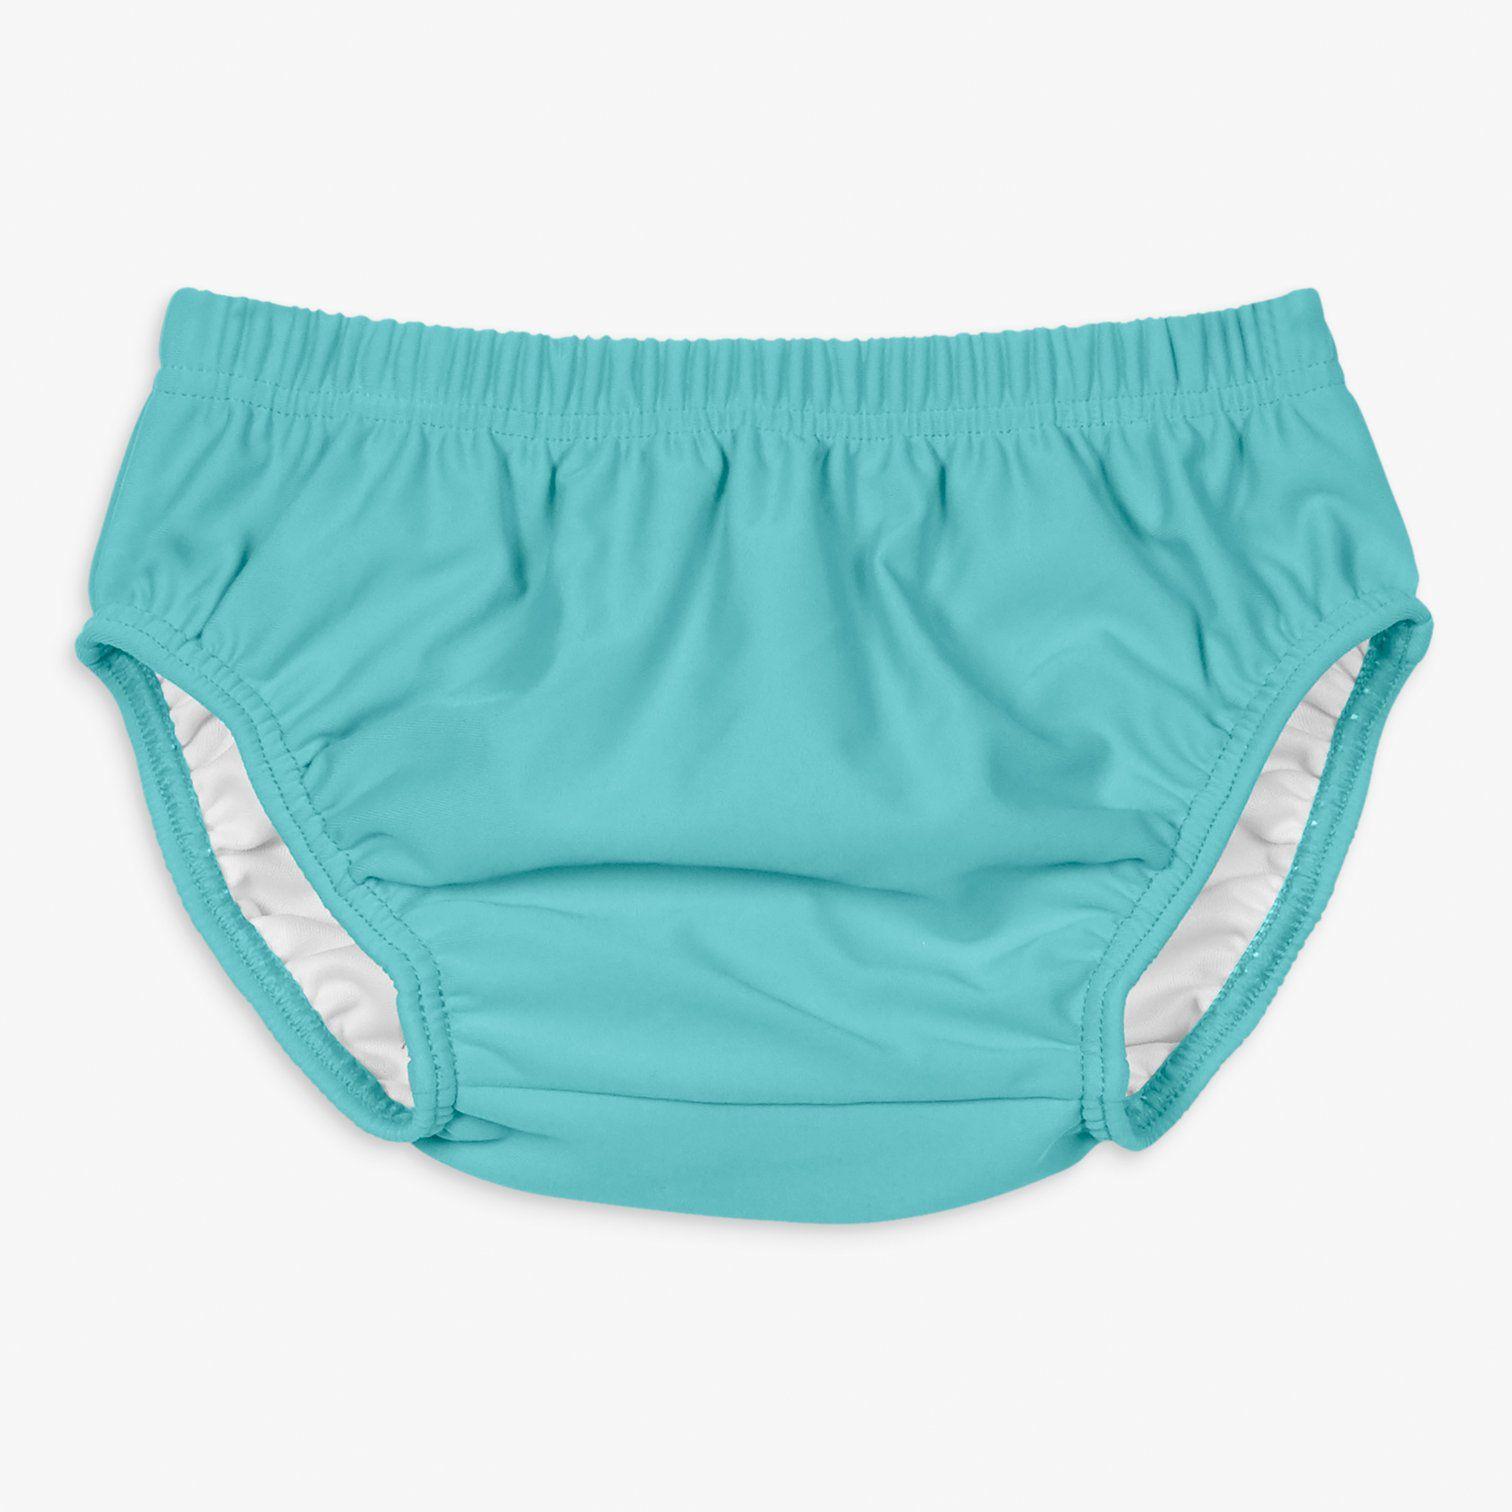 primary swim diaper